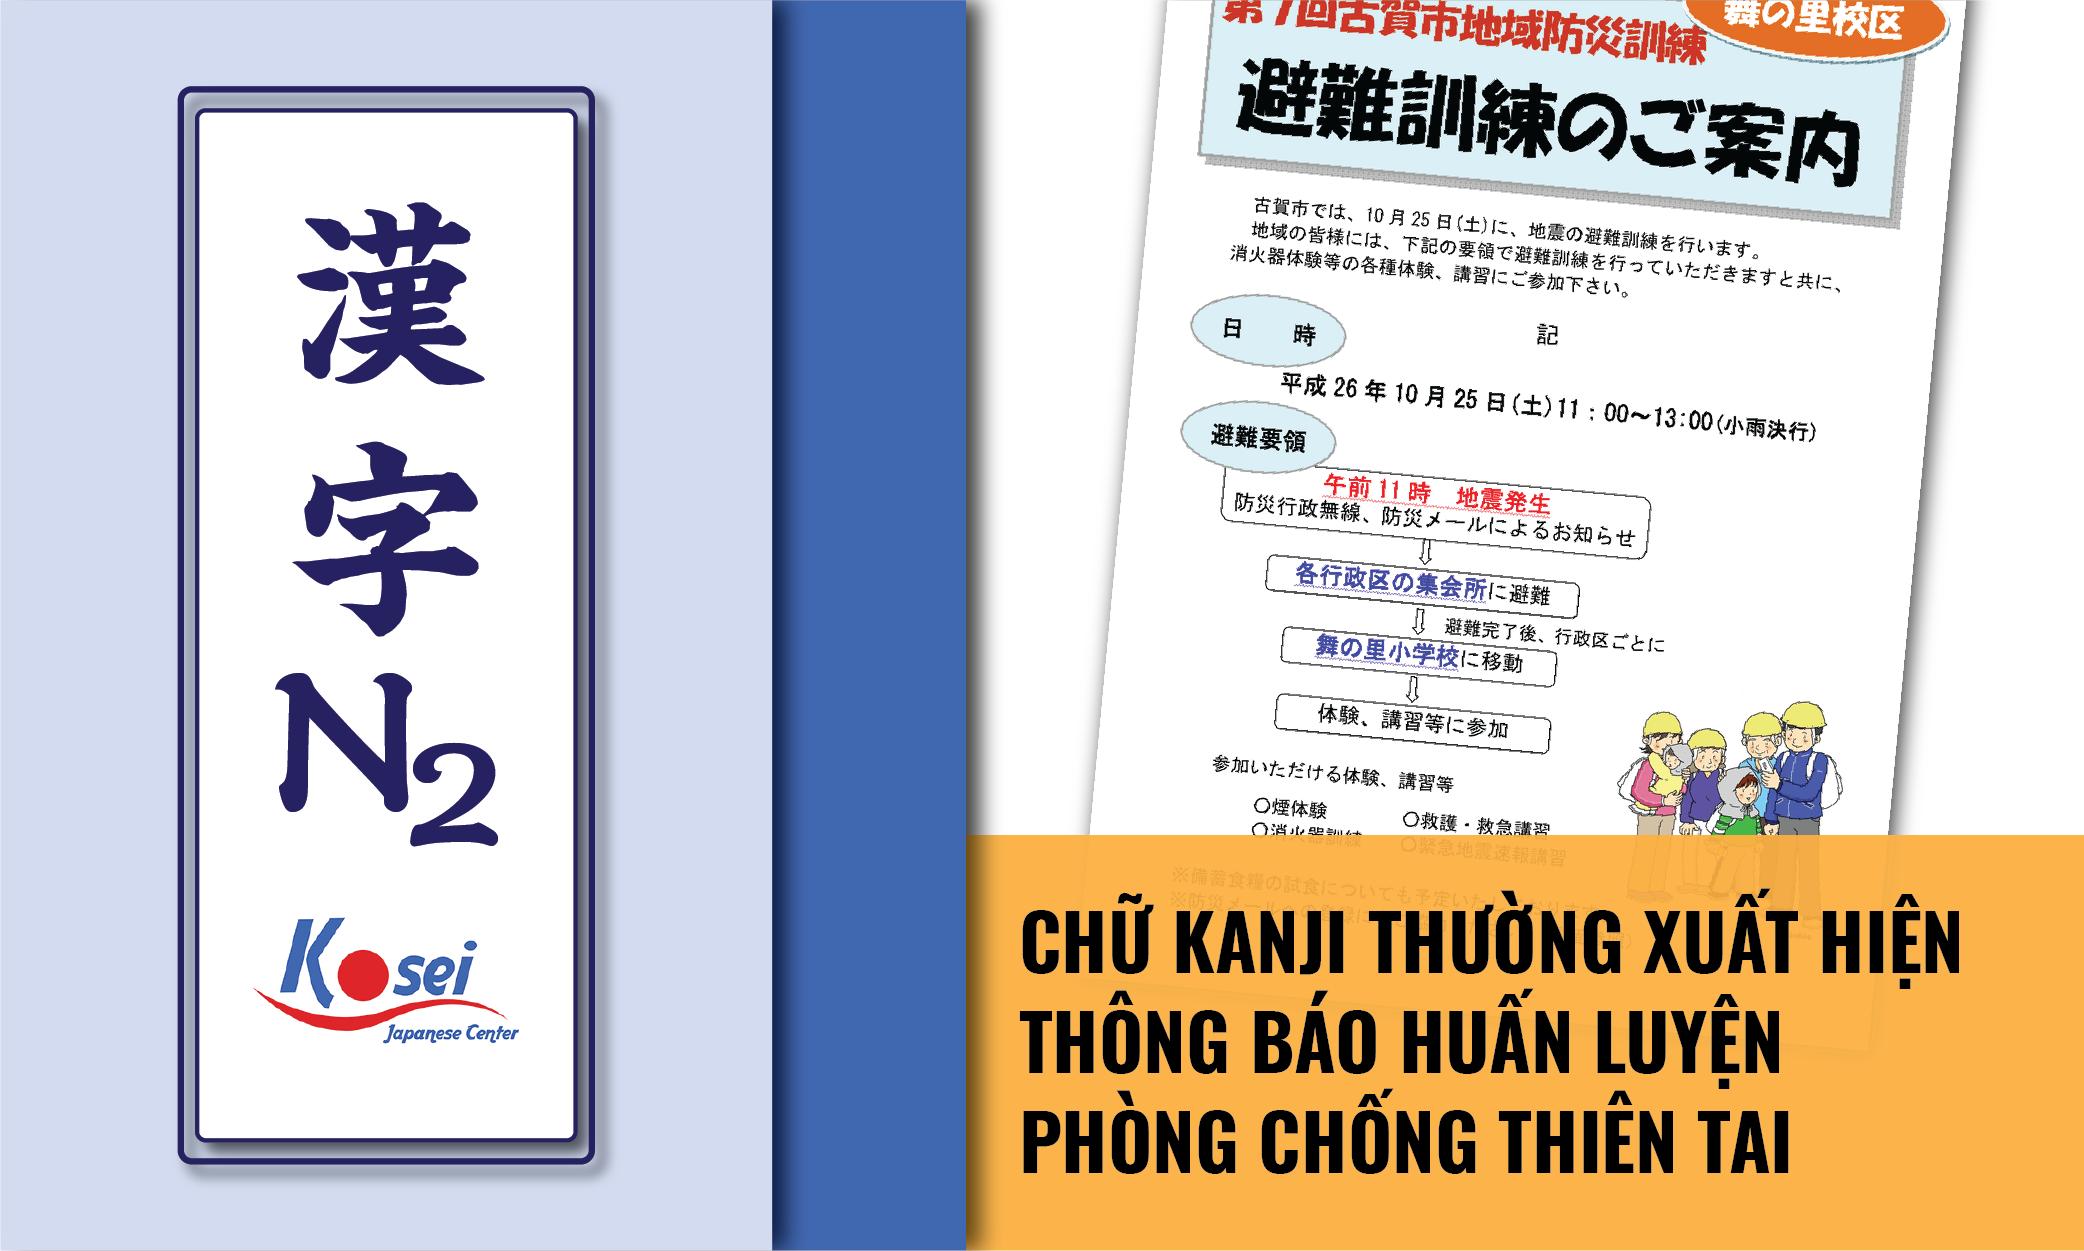 (Tổng hợp) Kanji N2: Những Kanji thường xuất hiện trên Thông báo huấn luyện phòng chống thiên tai